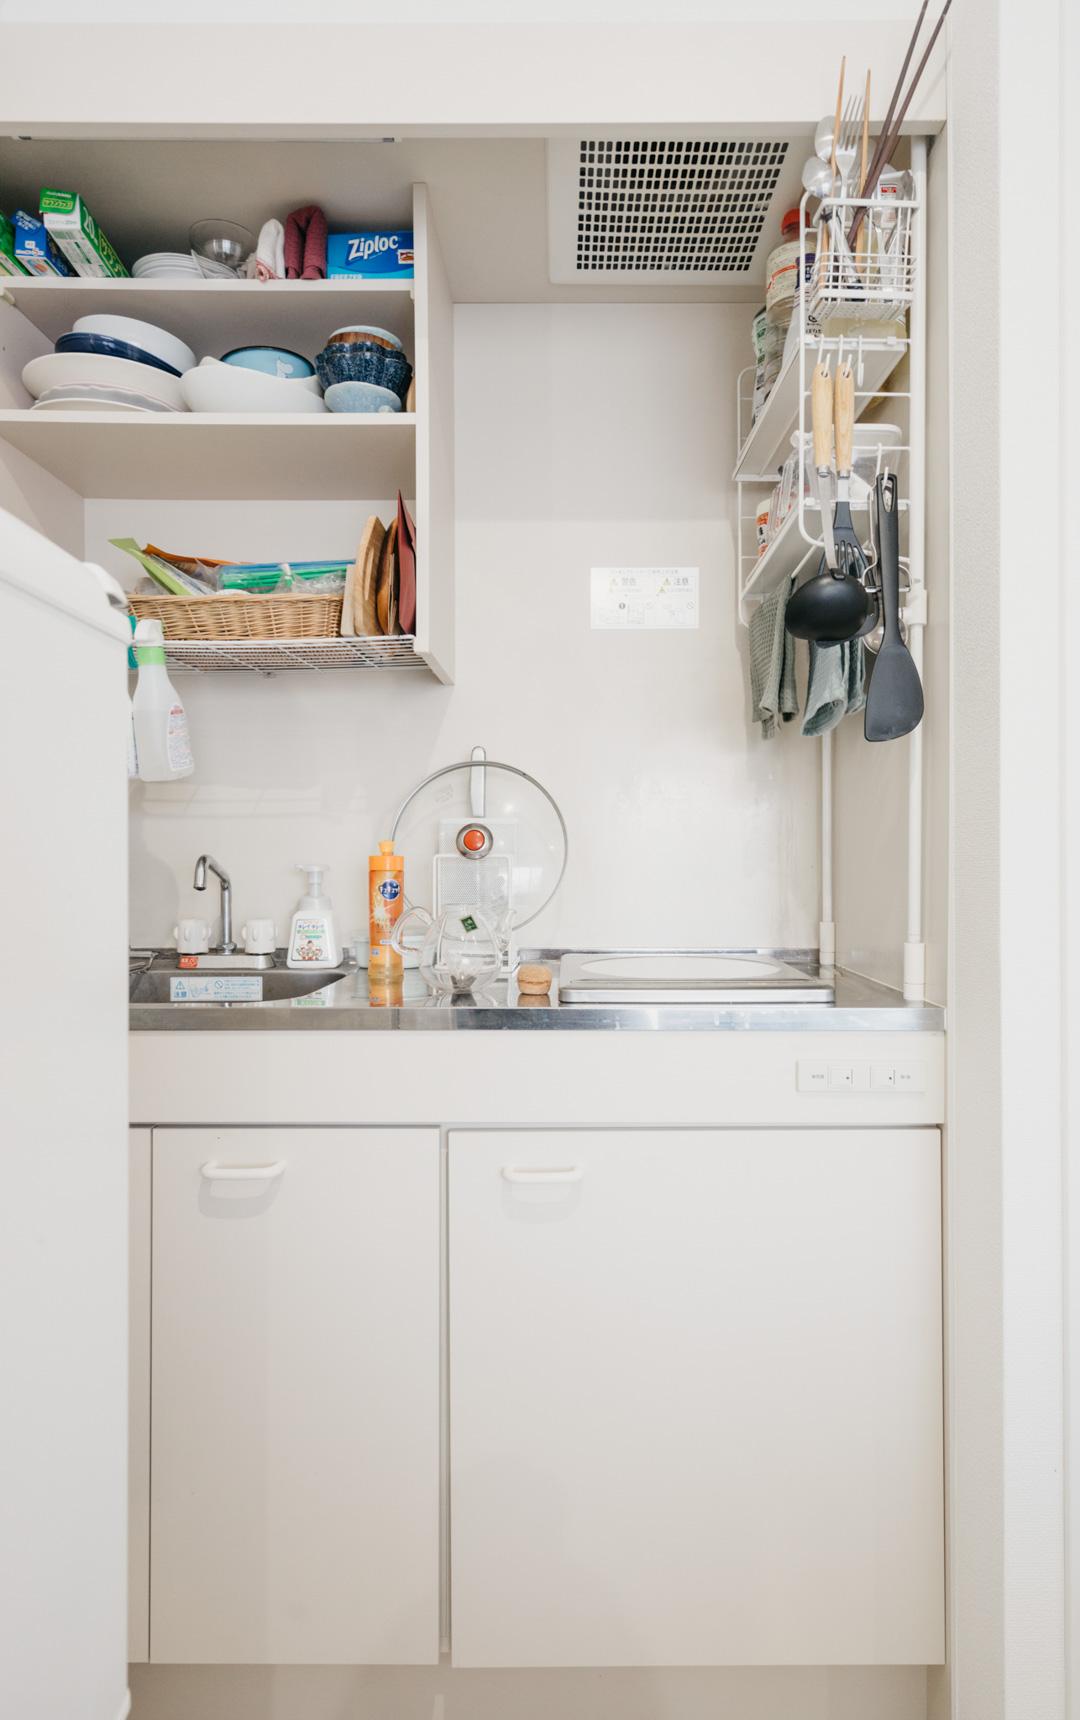 狭いキッチンで強い味方になってくれるのが突っ張り式の収納棚。油はねを避ける高い位置に棚がついているものが便利です。(このお部屋はこちら)